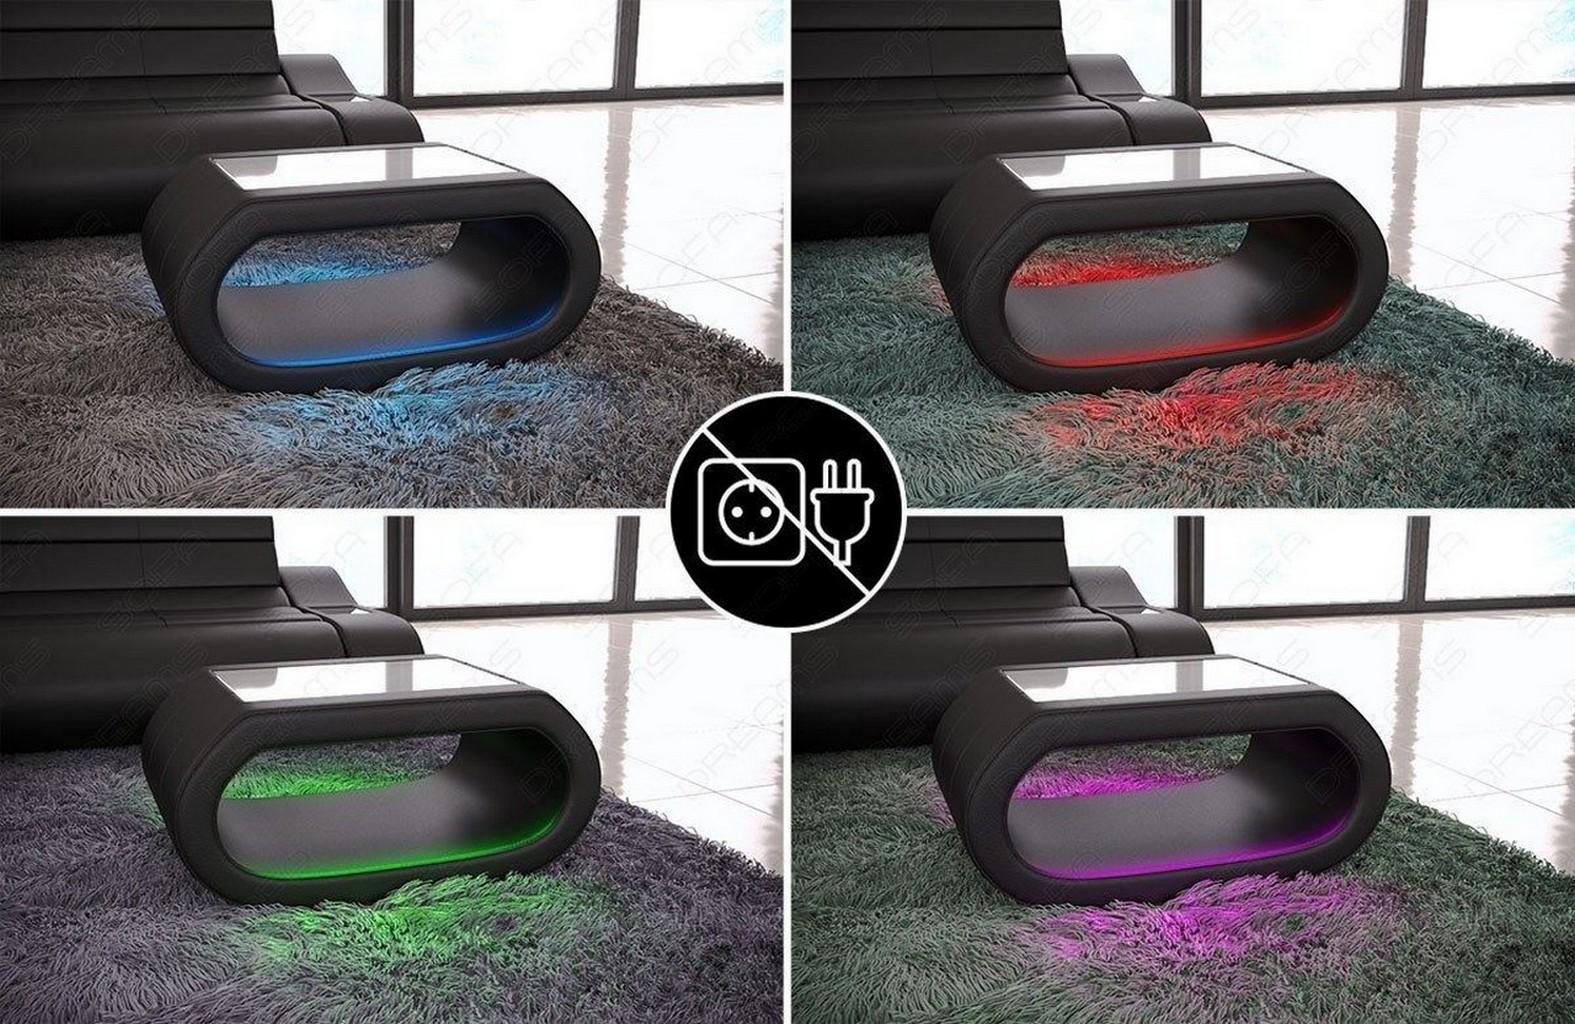 designer couchtisch sofatisch wohnzimmertisch concept beleuchtung akku ebay. Black Bedroom Furniture Sets. Home Design Ideas